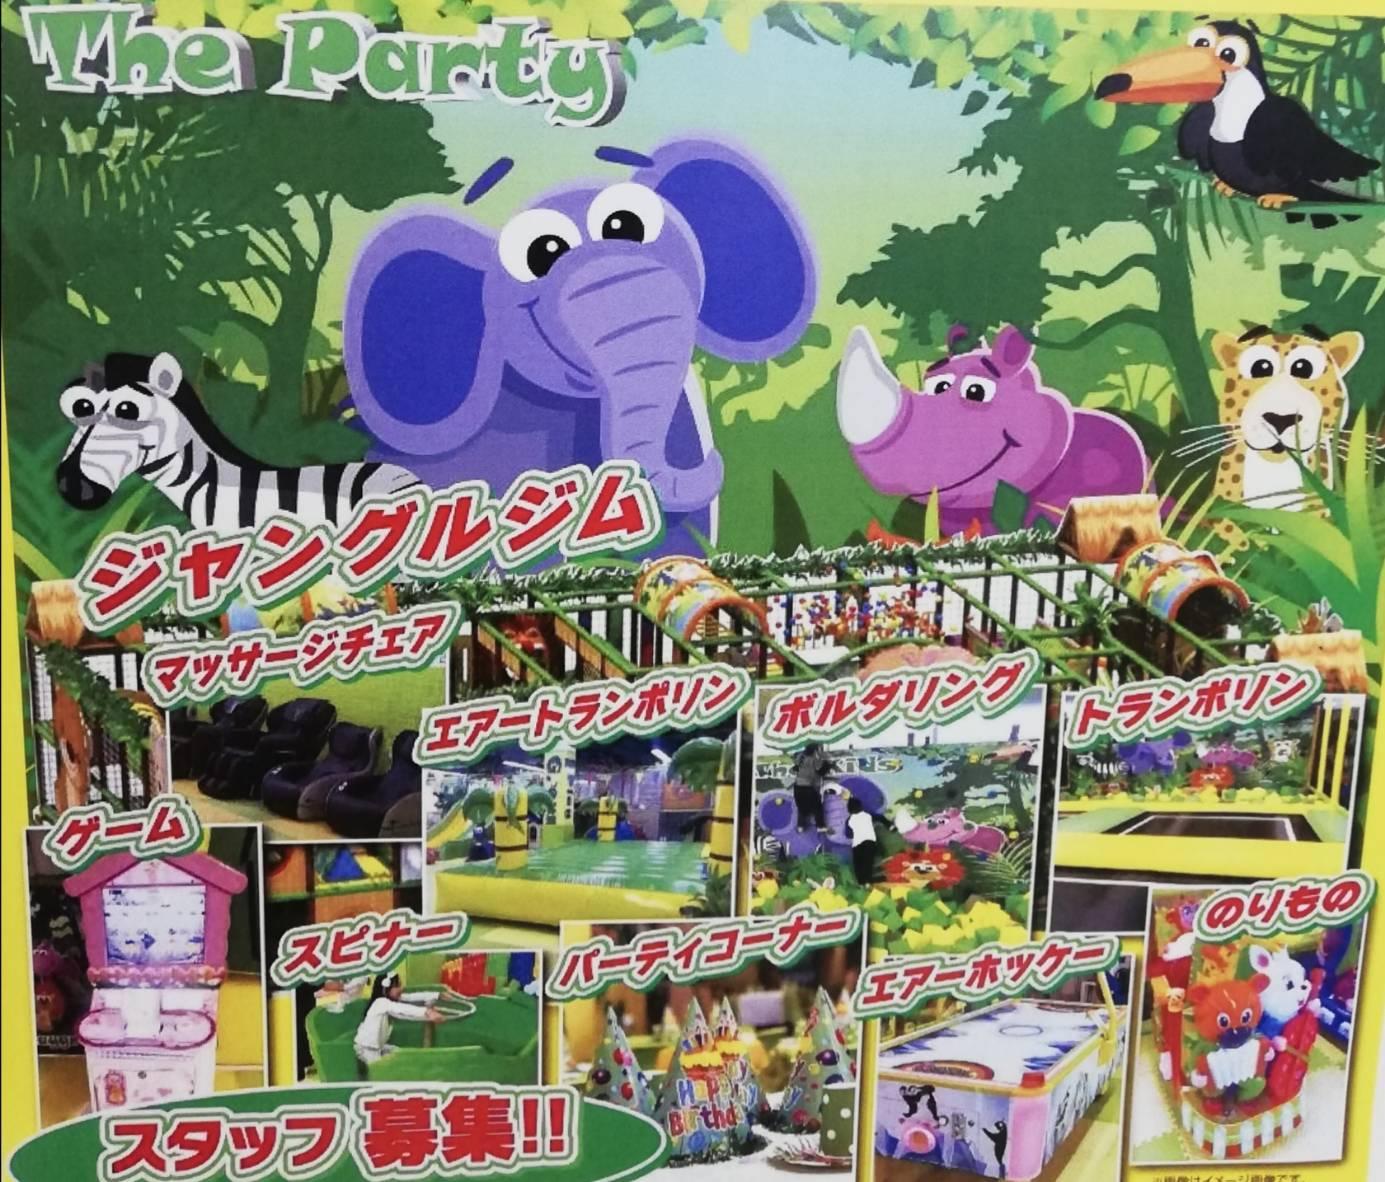 ザ キッズ ダイエー松戸西口店遊び場料金